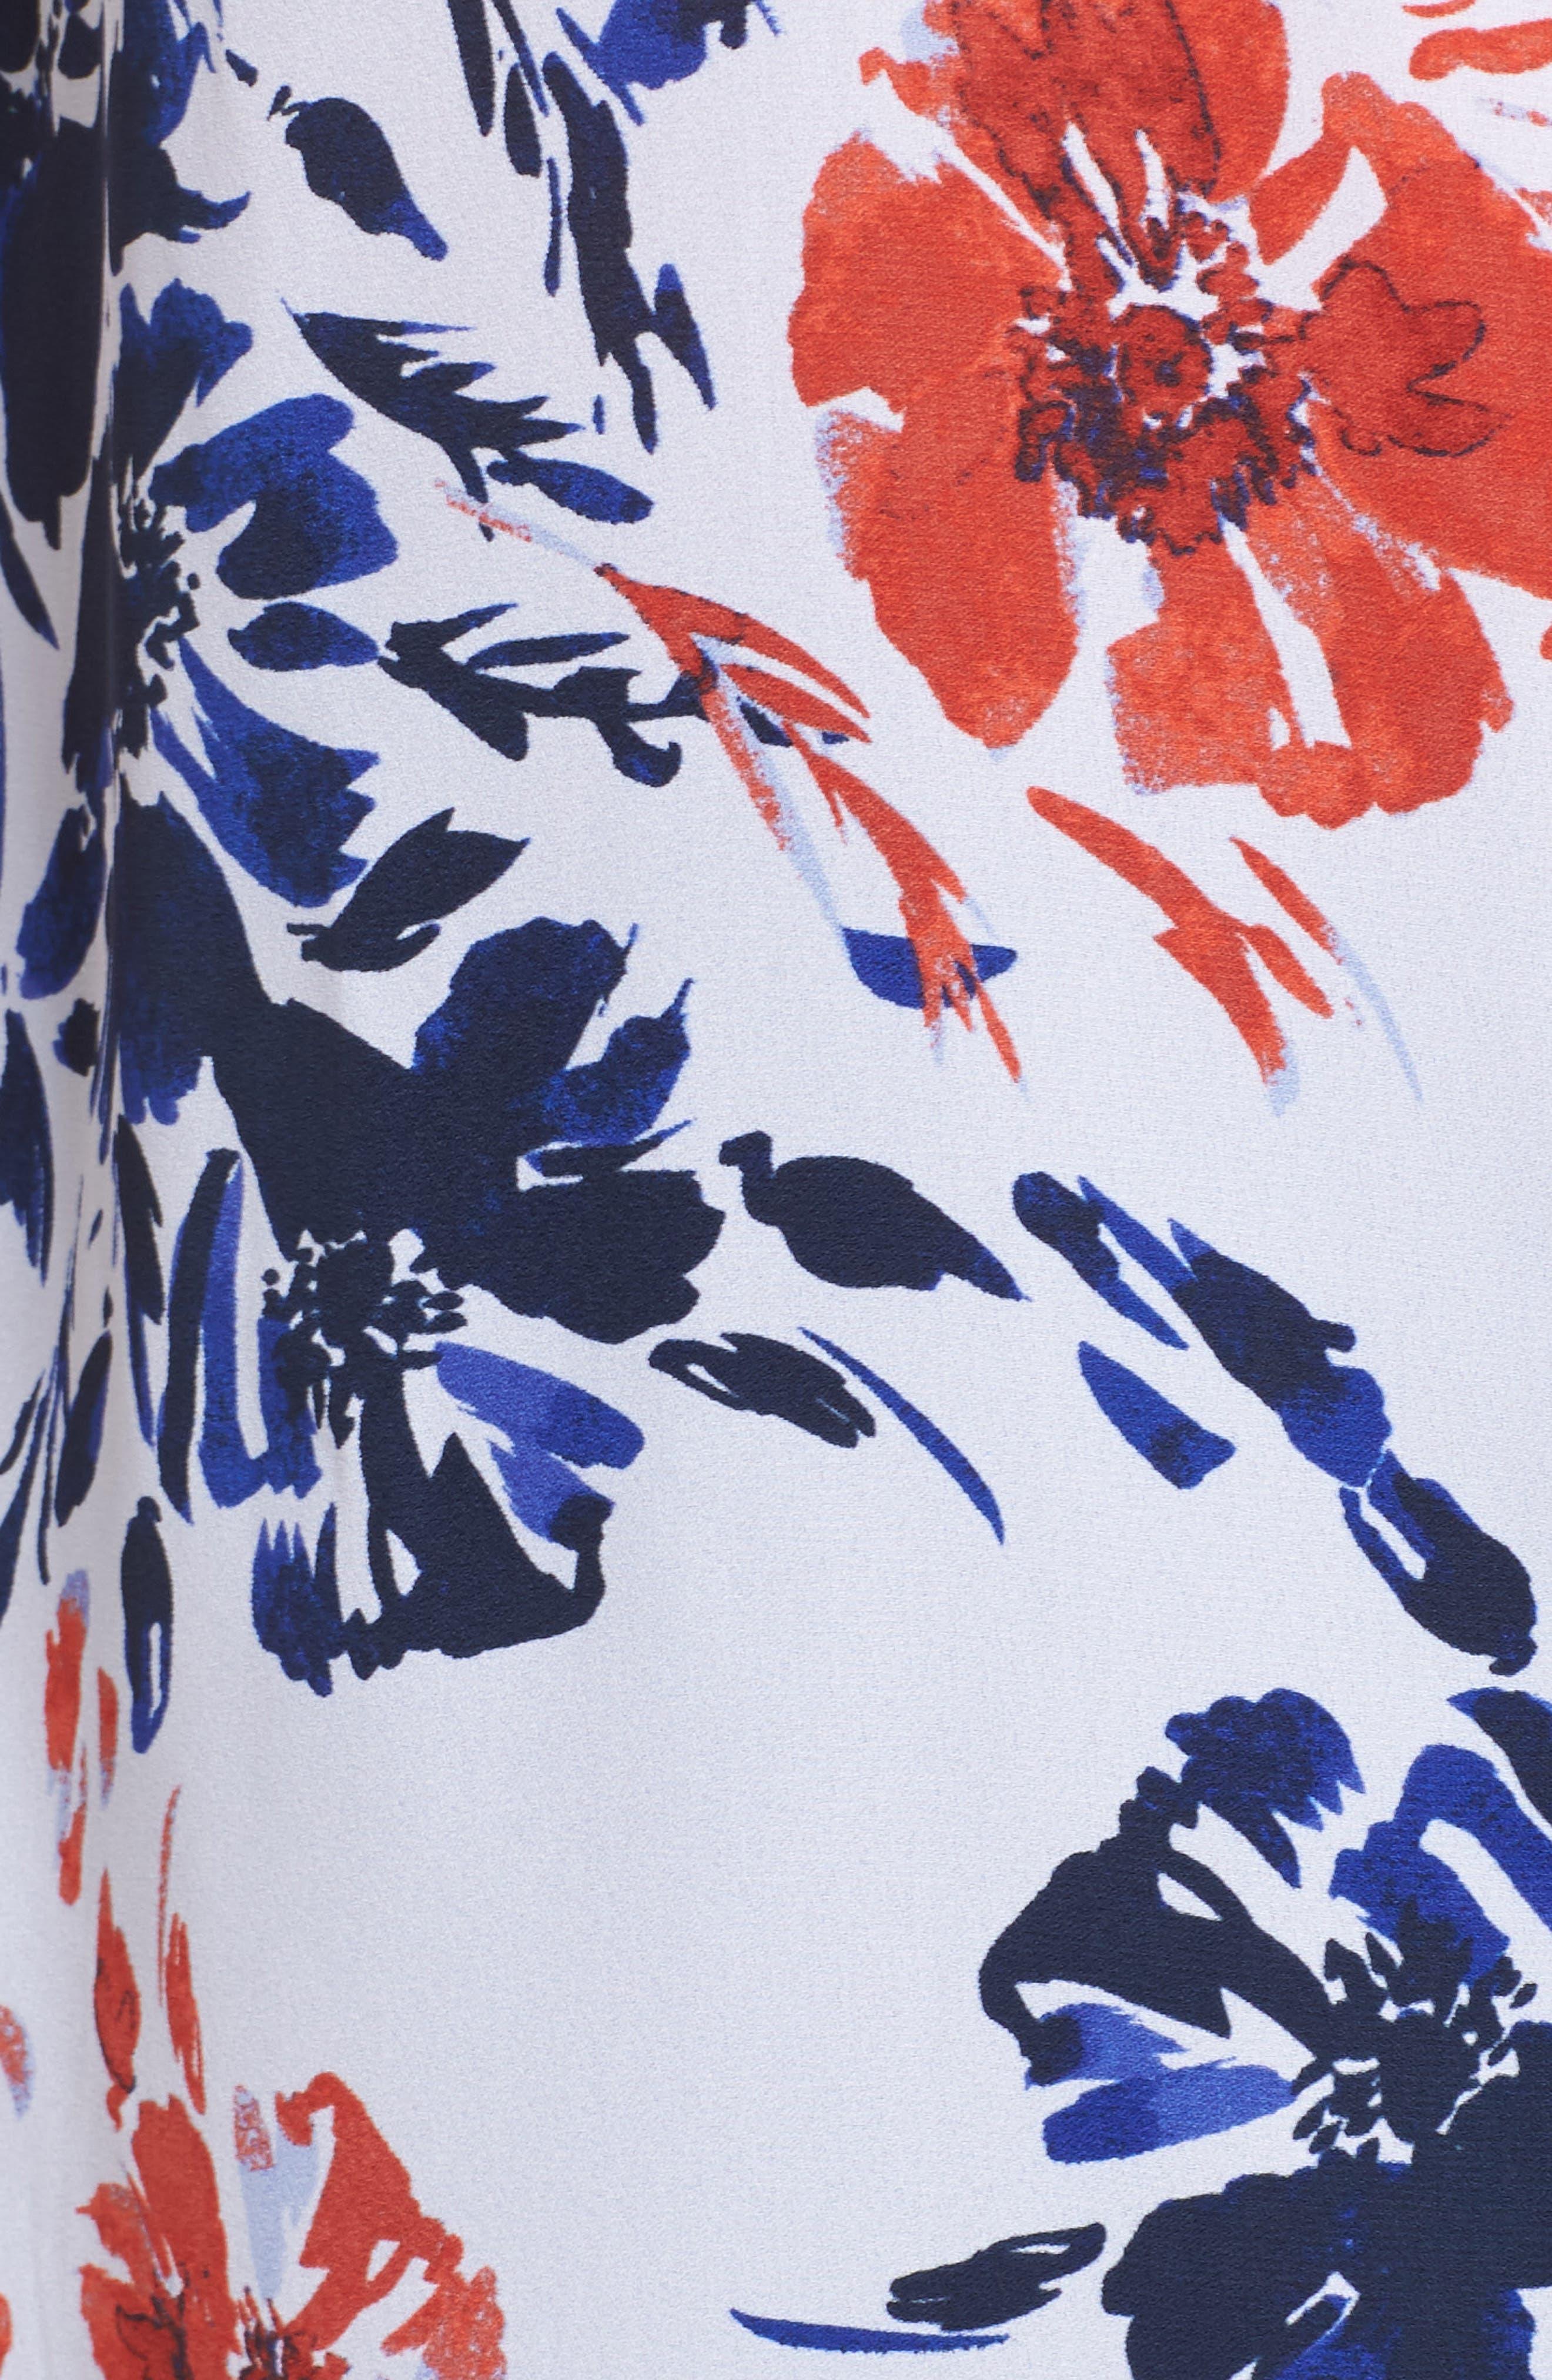 Gigi Breezy Floral Top,                             Alternate thumbnail 6, color,